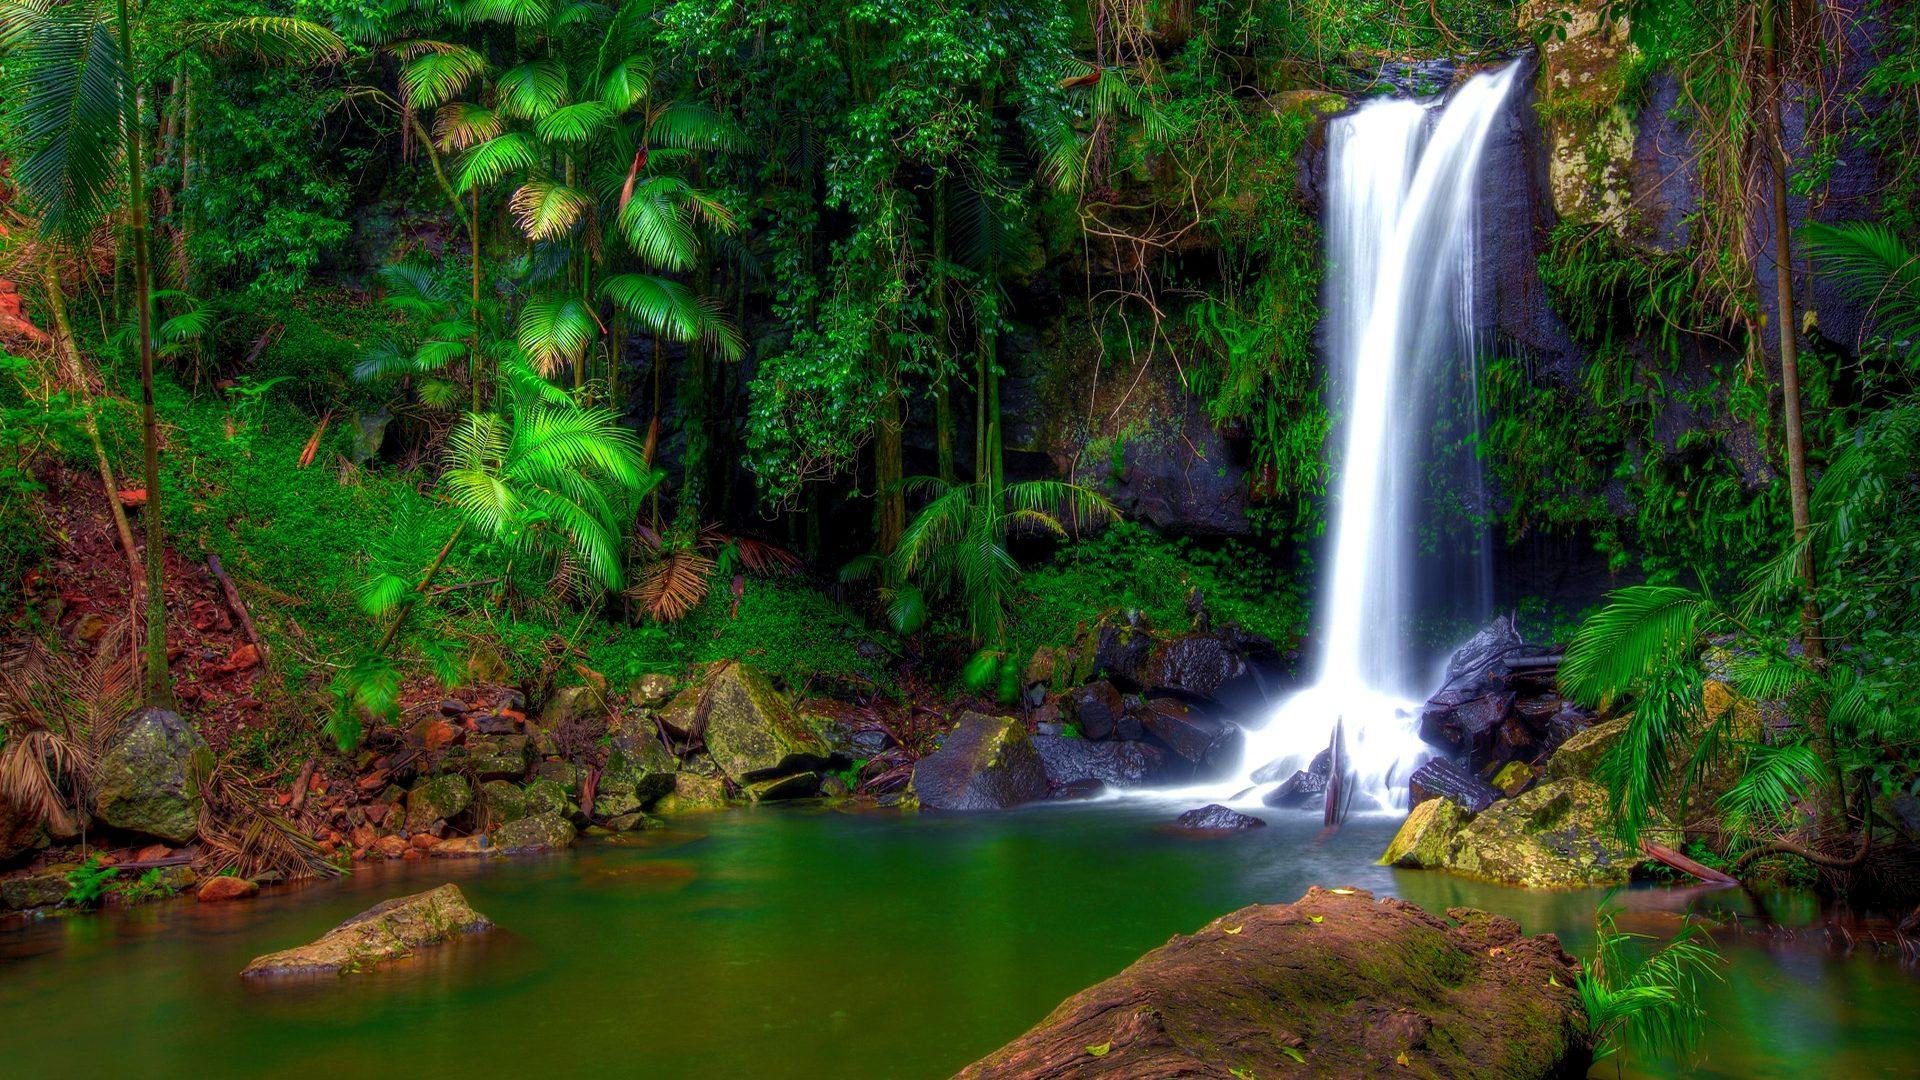 Niagara Falls Full Hd Wallpaper Wonderful Tropical Waterfall Jungle Green Tropical